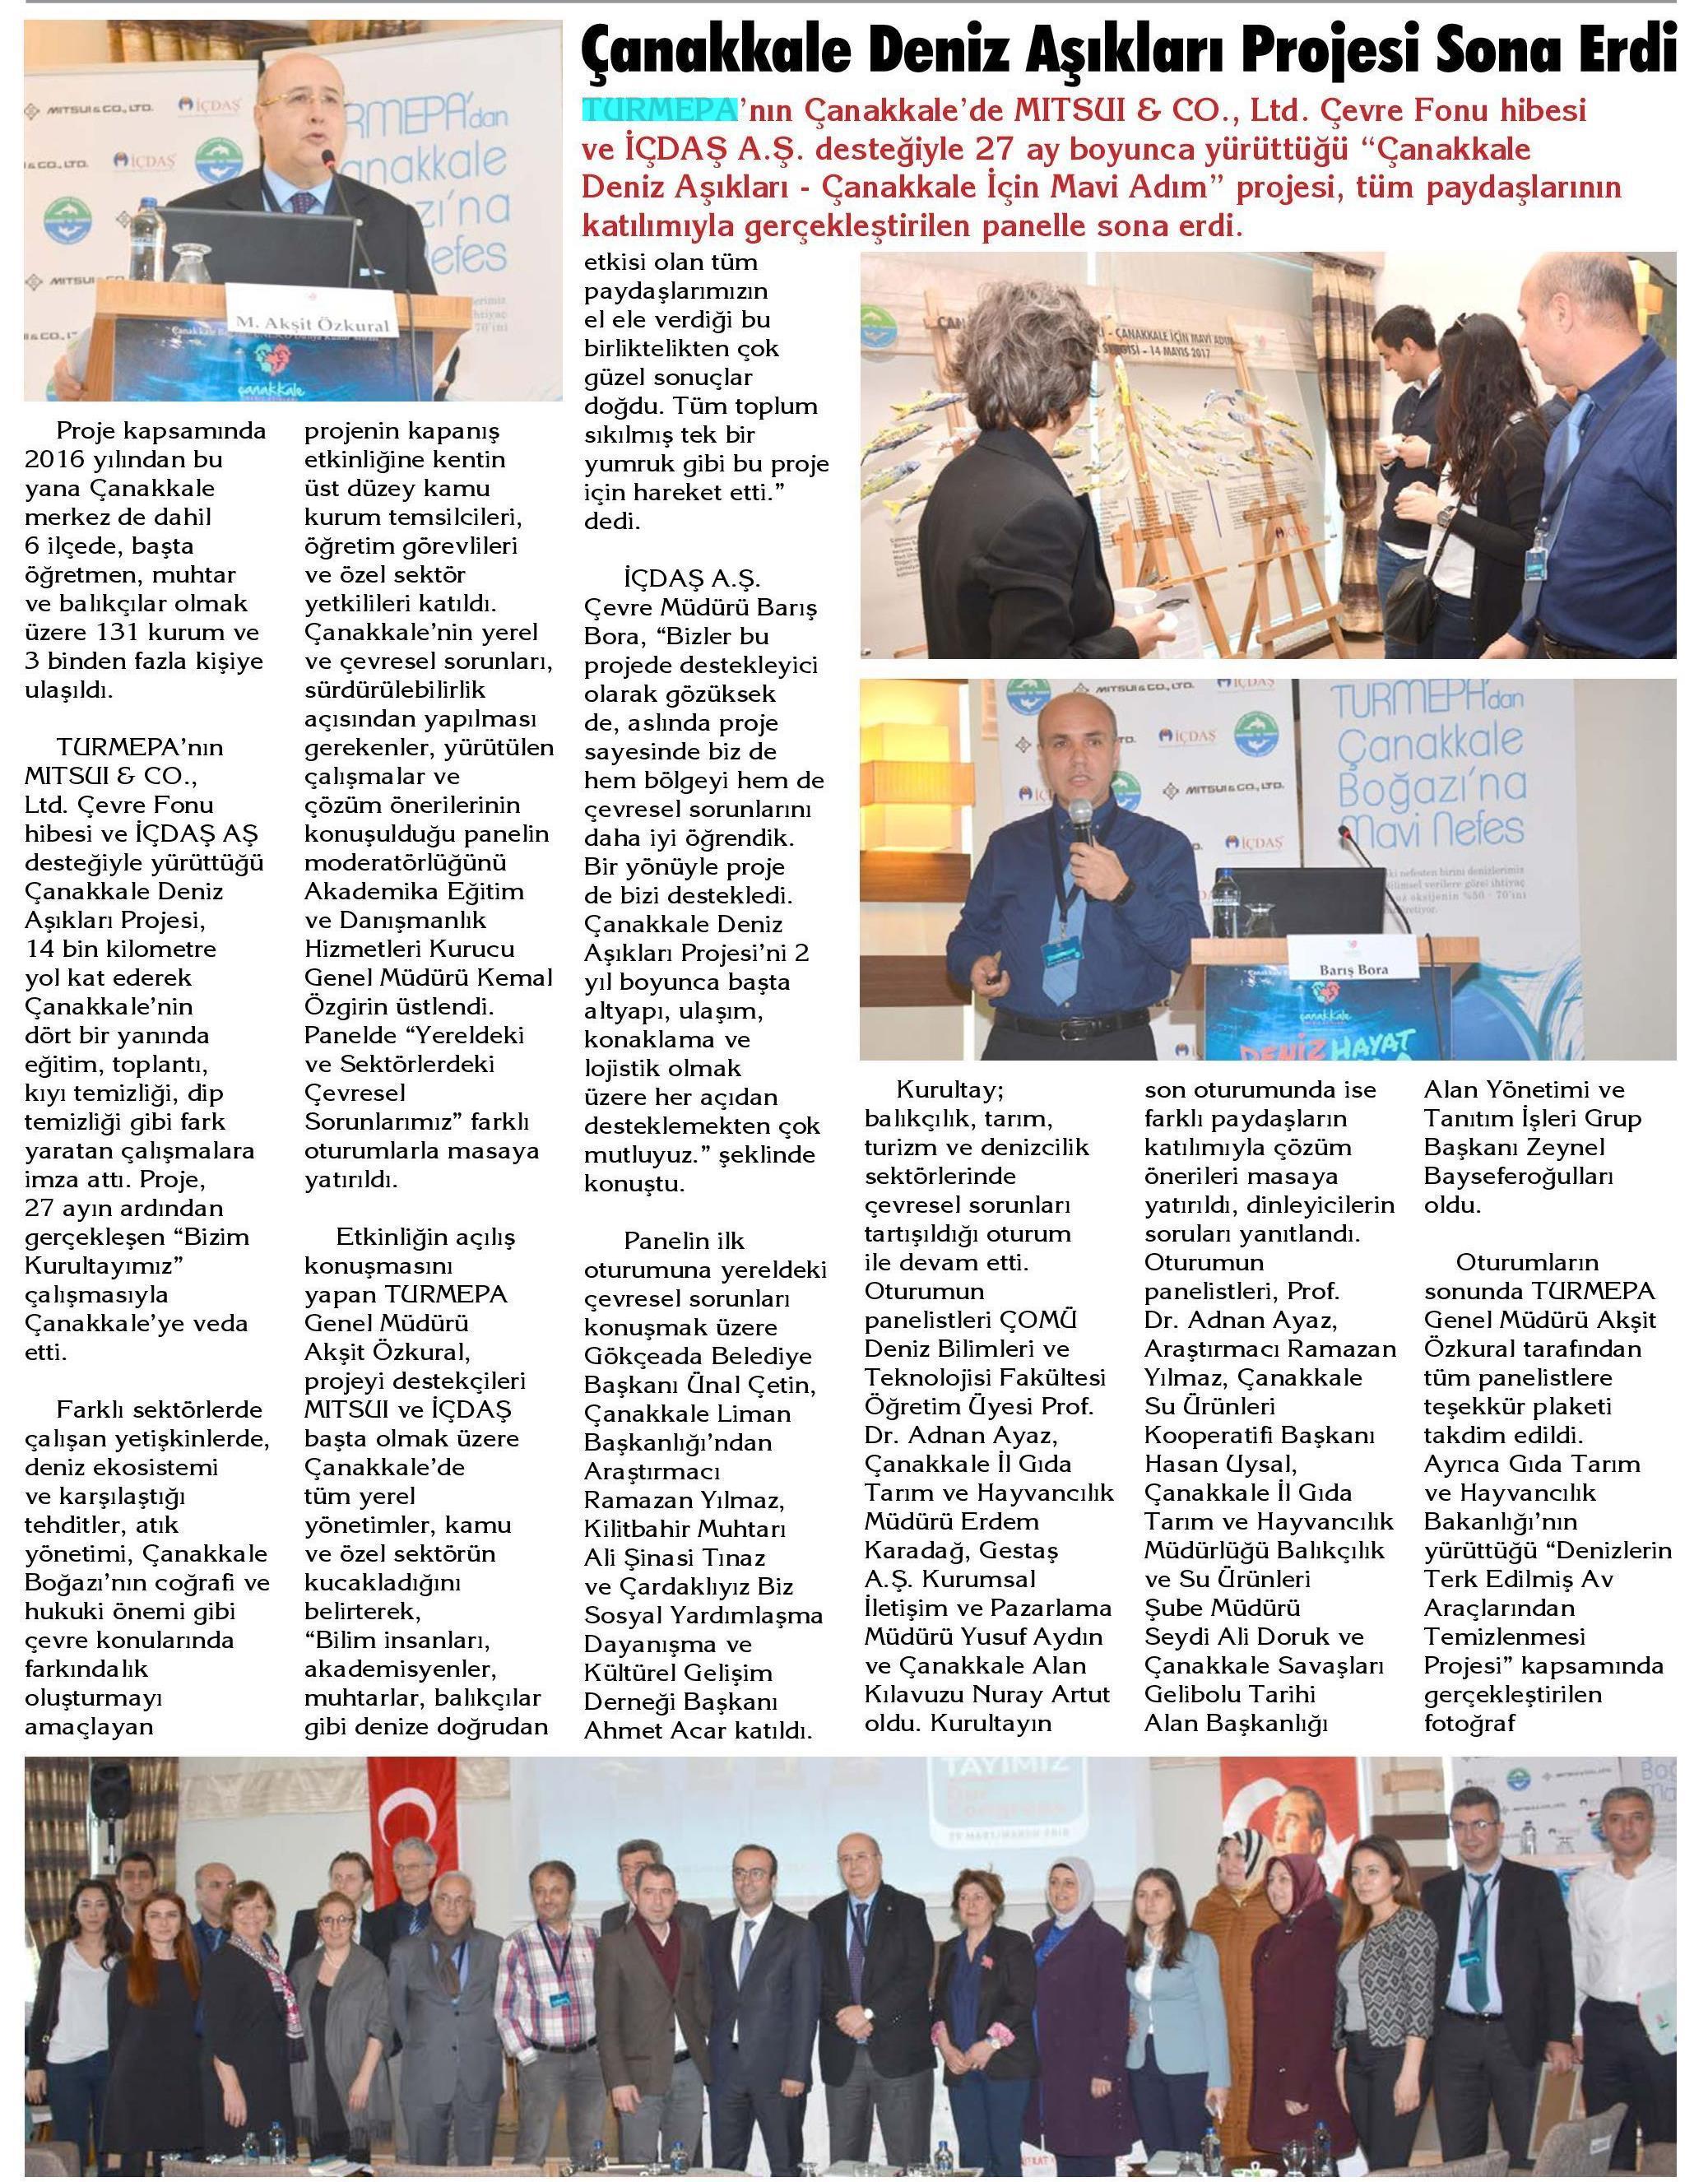 Çanakkale Boğaz 04.04.2018